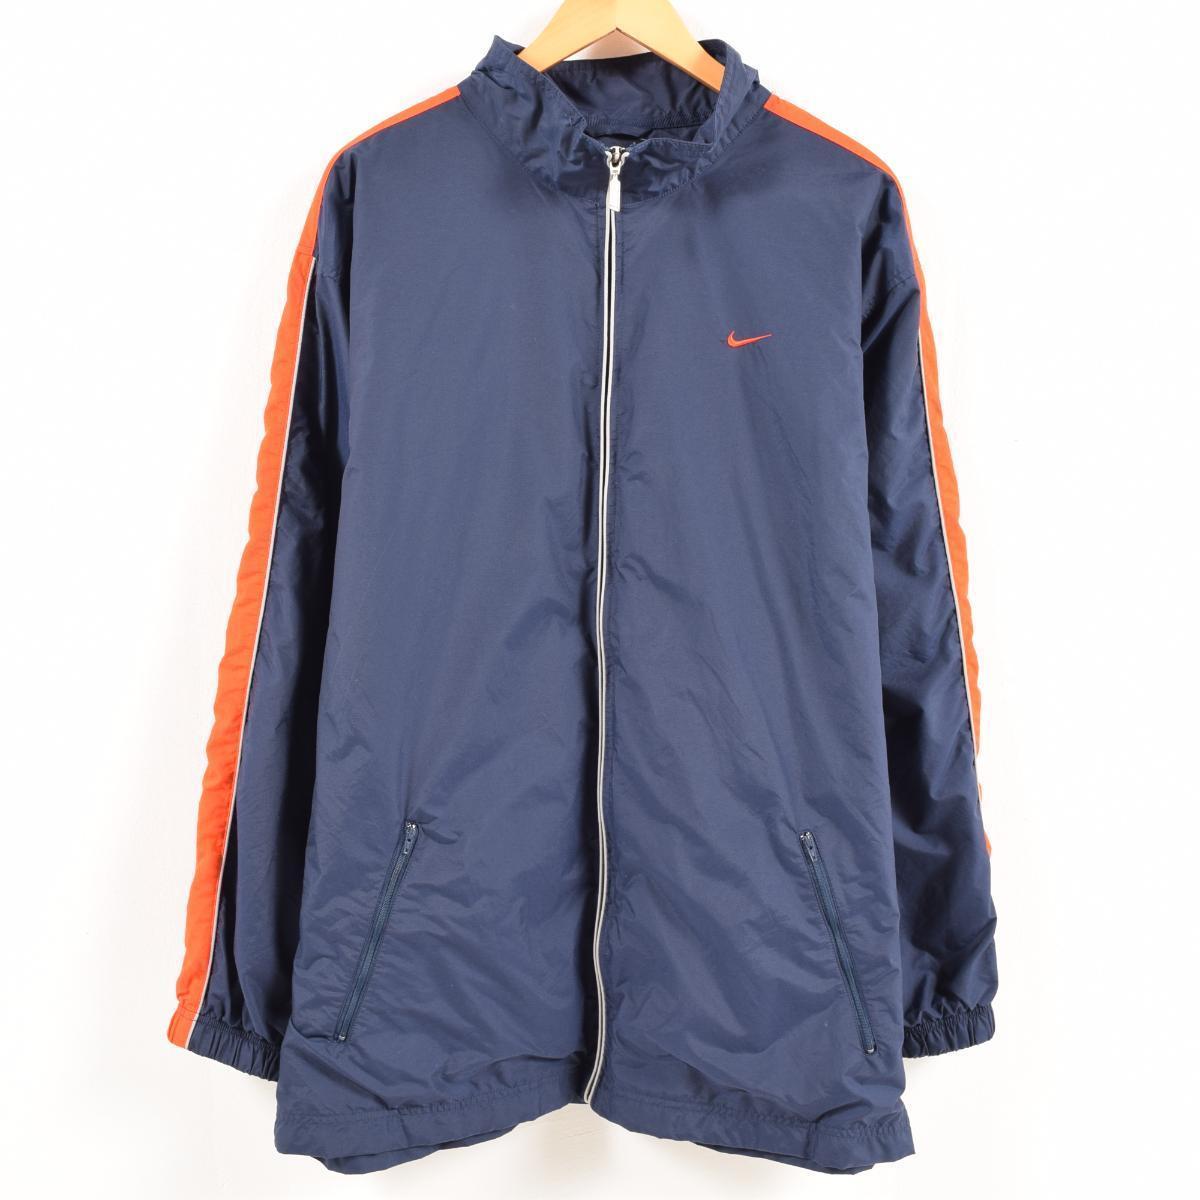 c4e3487708 VINTAGE CLOTHING JAM  Nike NIKE nylon jacket men XL  wax7849 ...